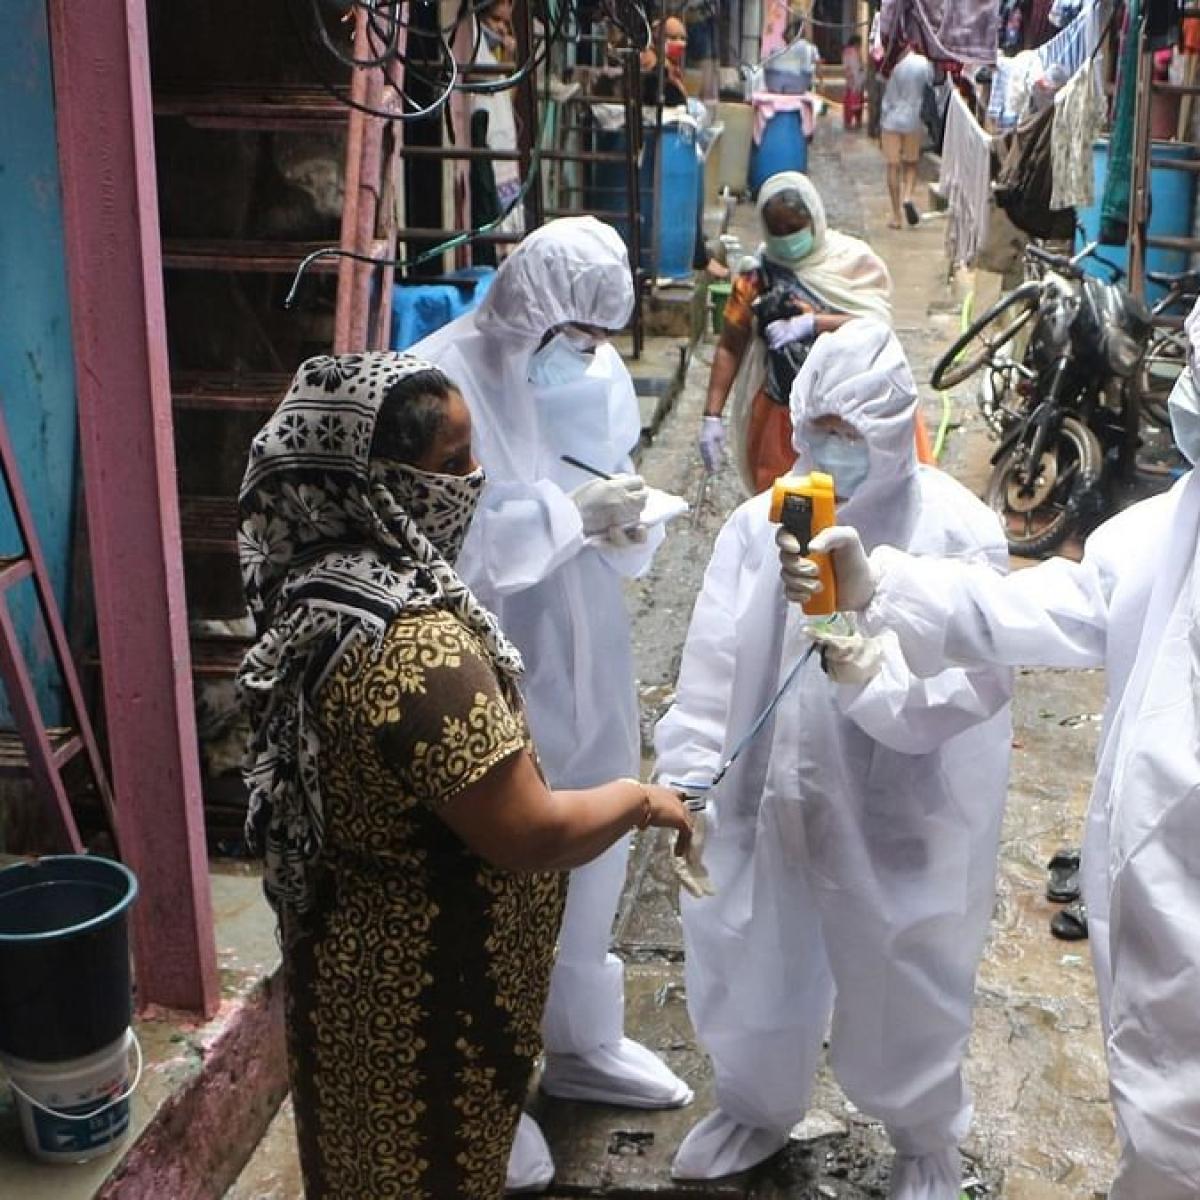 Coronavirus in Mumbai: Bandra, Khar, Santacruz has highest COVID-19 growth rate